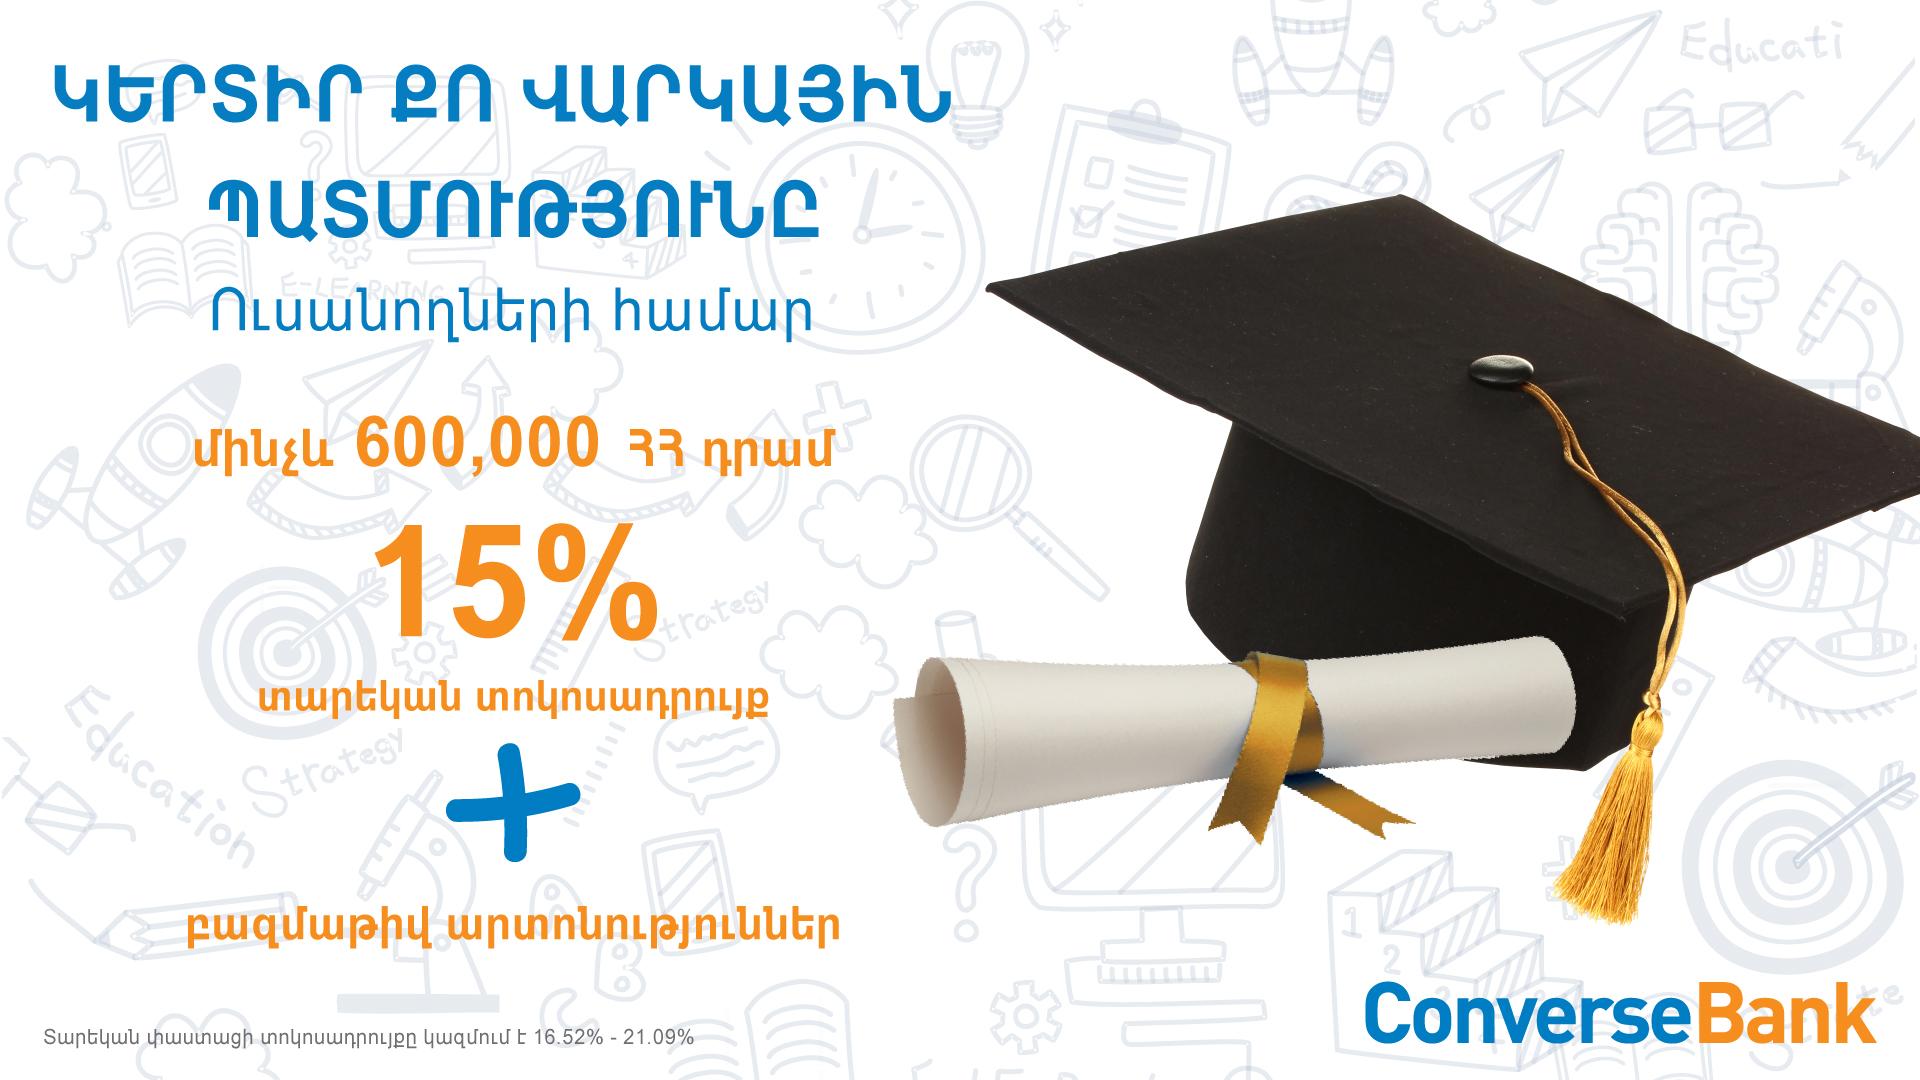 Կոնվերս բանկ. ուսանողների համար ներդրվել է «Կերտիր քո վարկային պատմությունը» պրոդուկտը